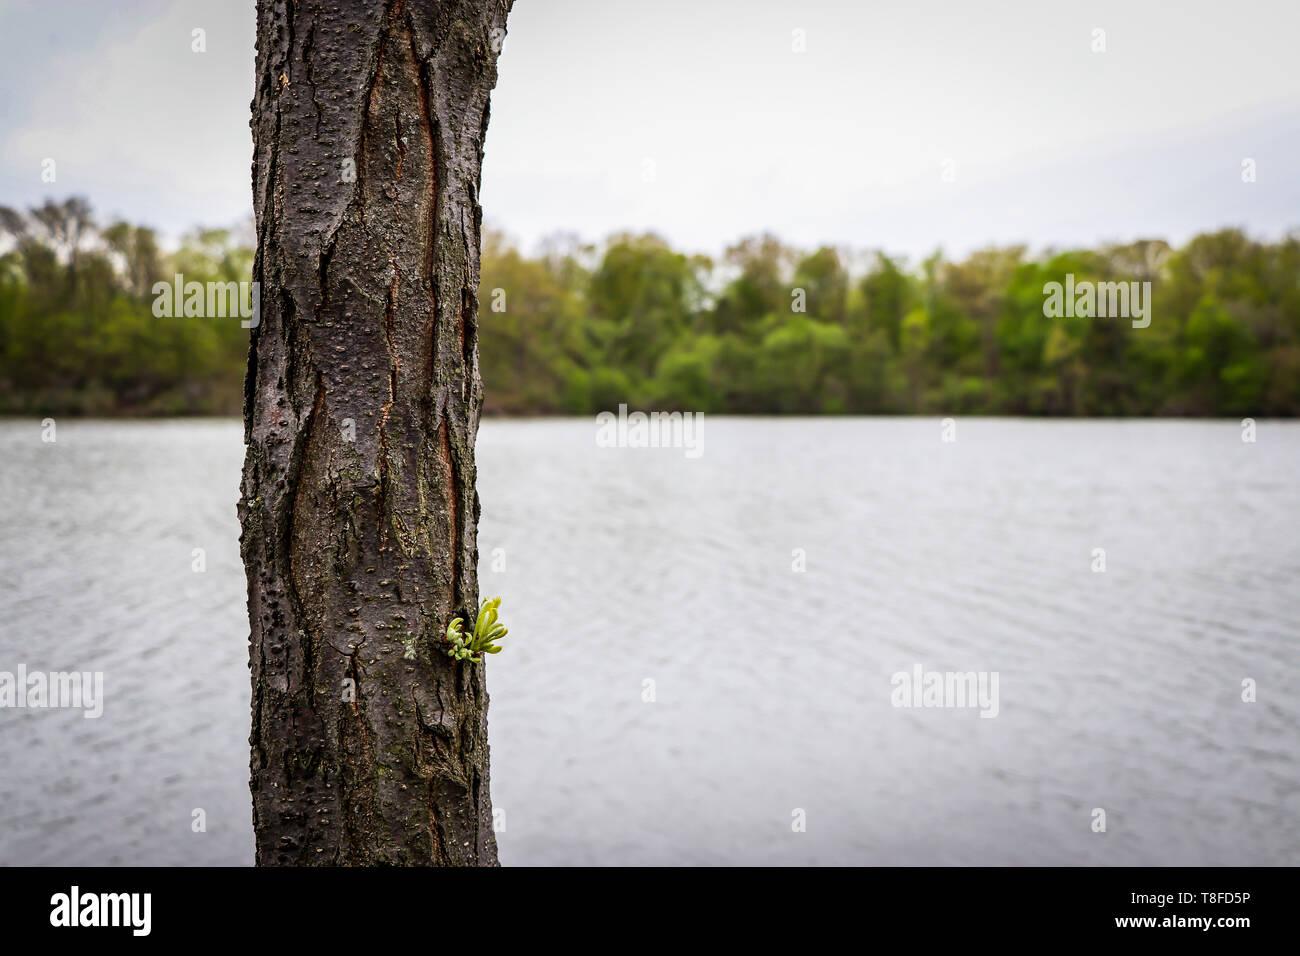 Sprouting Tree at Newburgh Lake Michigan - Stock Image